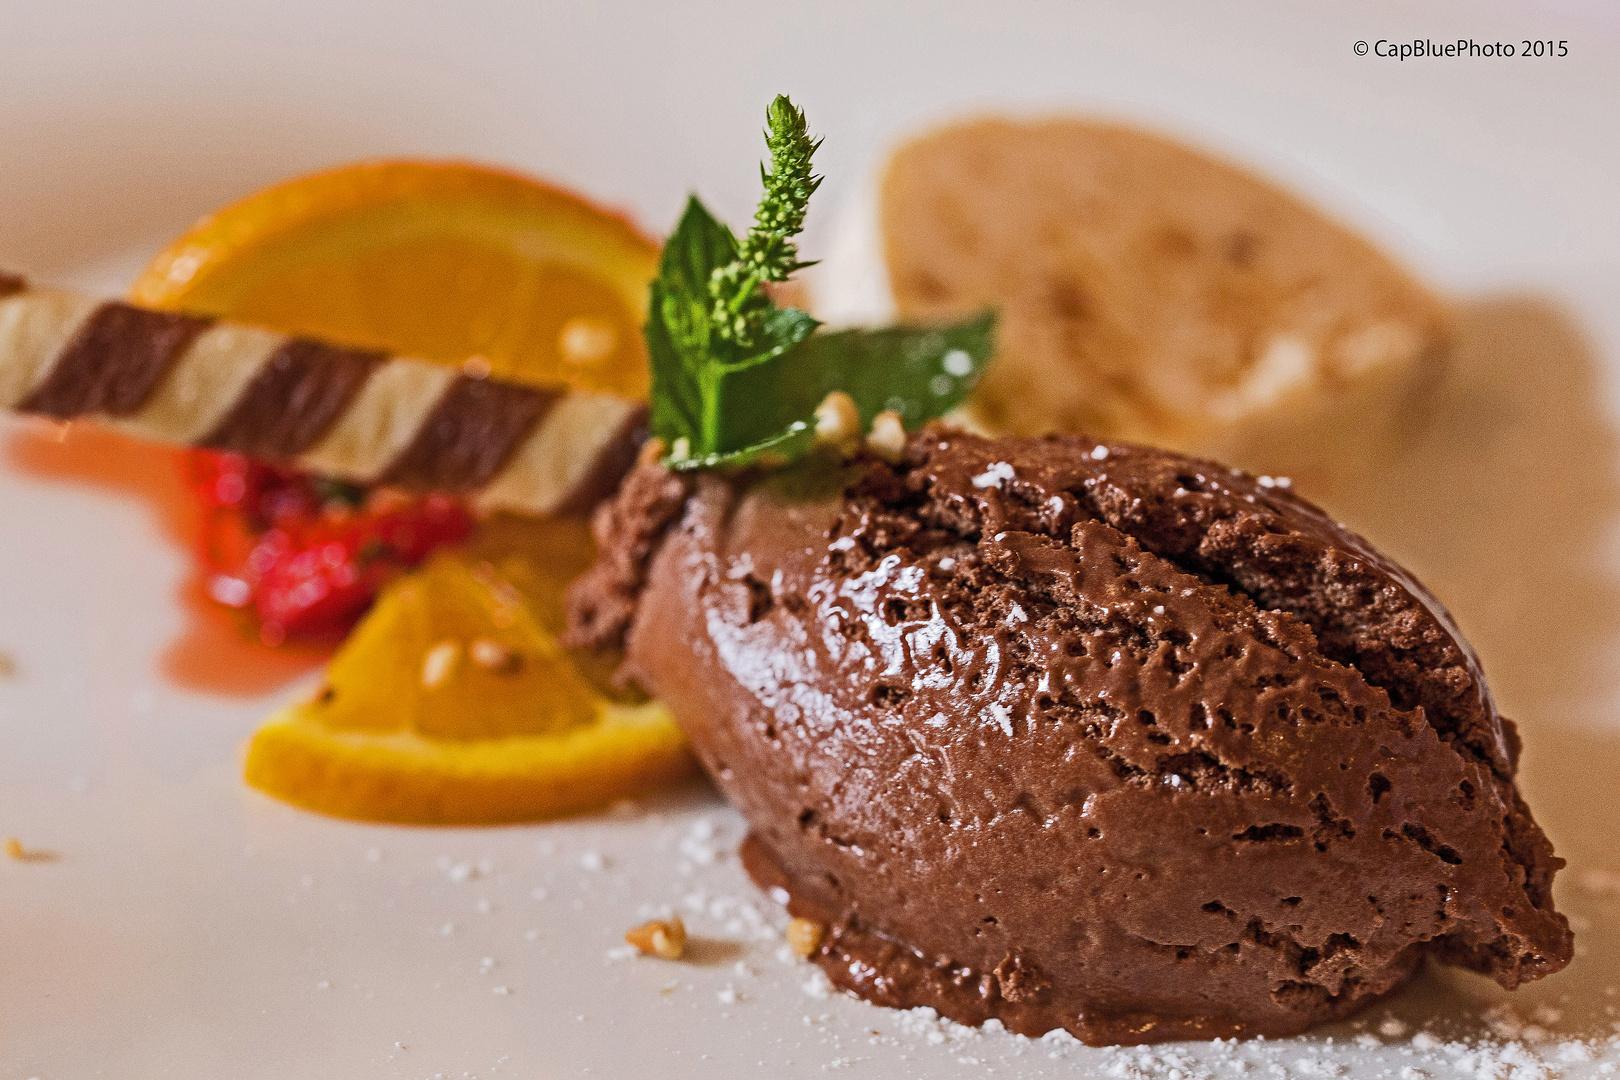 Mousse Au Chocolat Foto Bild Stillleben Essen Trinken